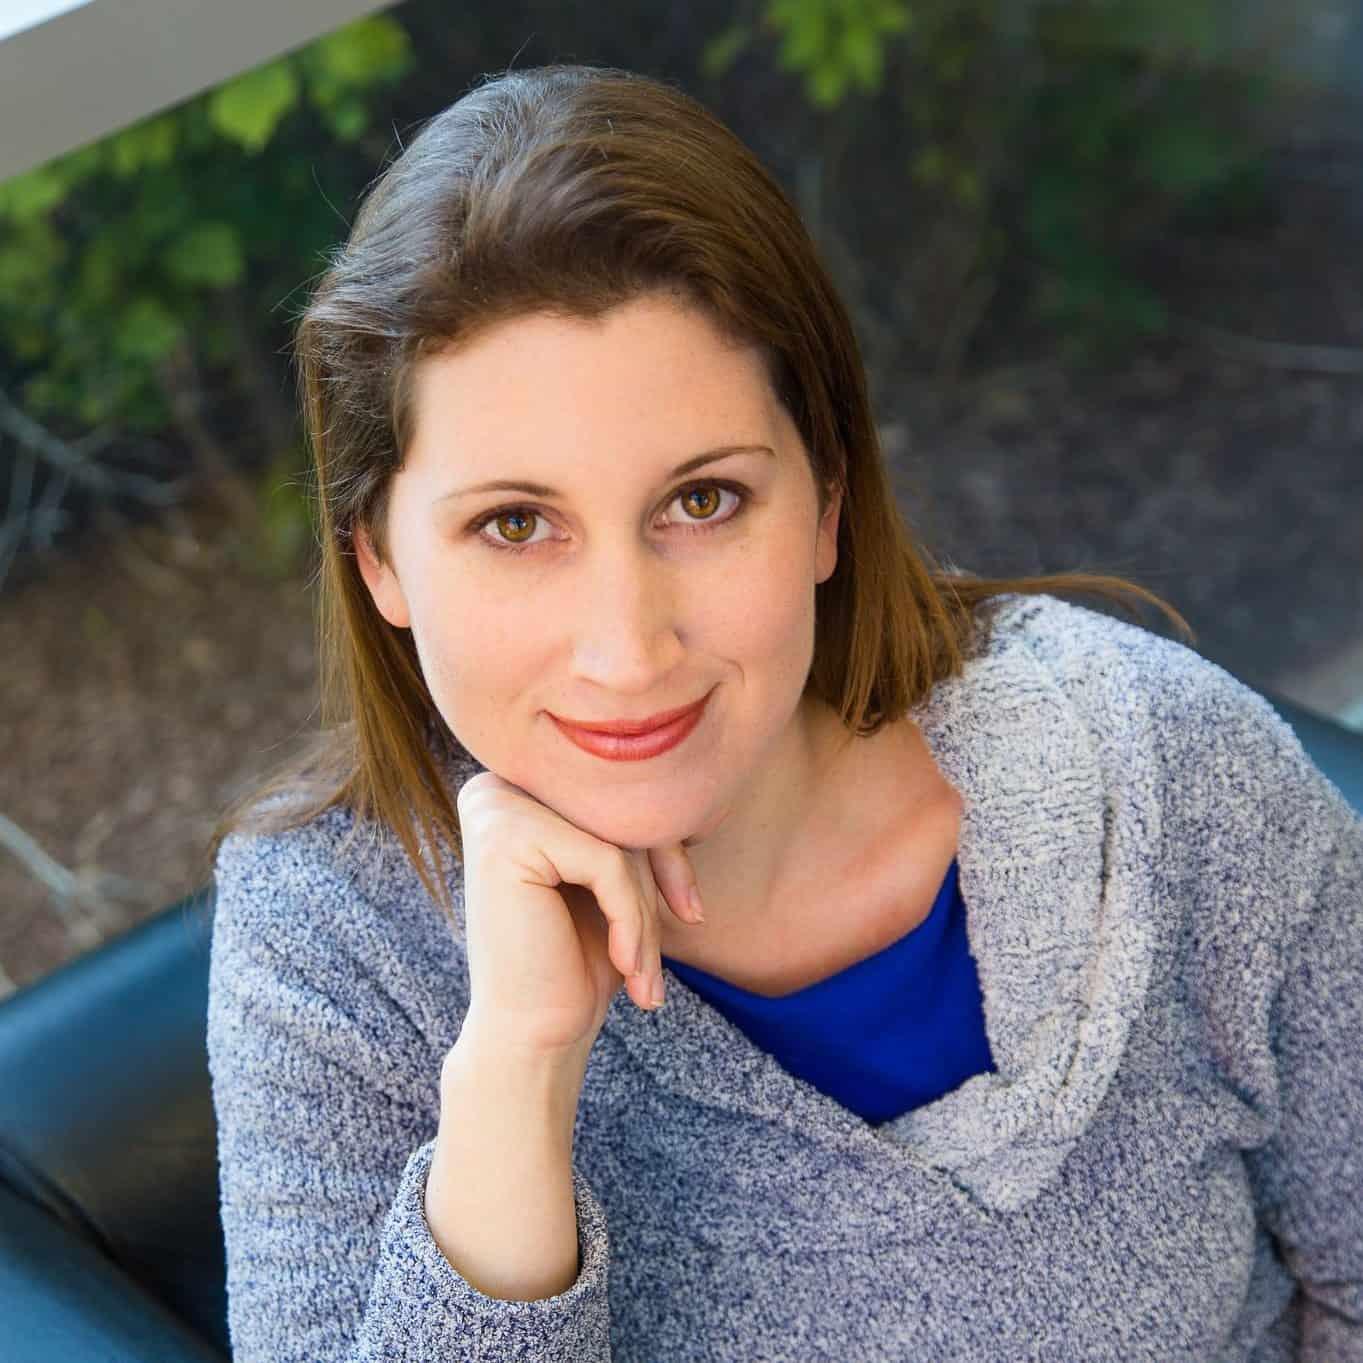 Kathryn Casna